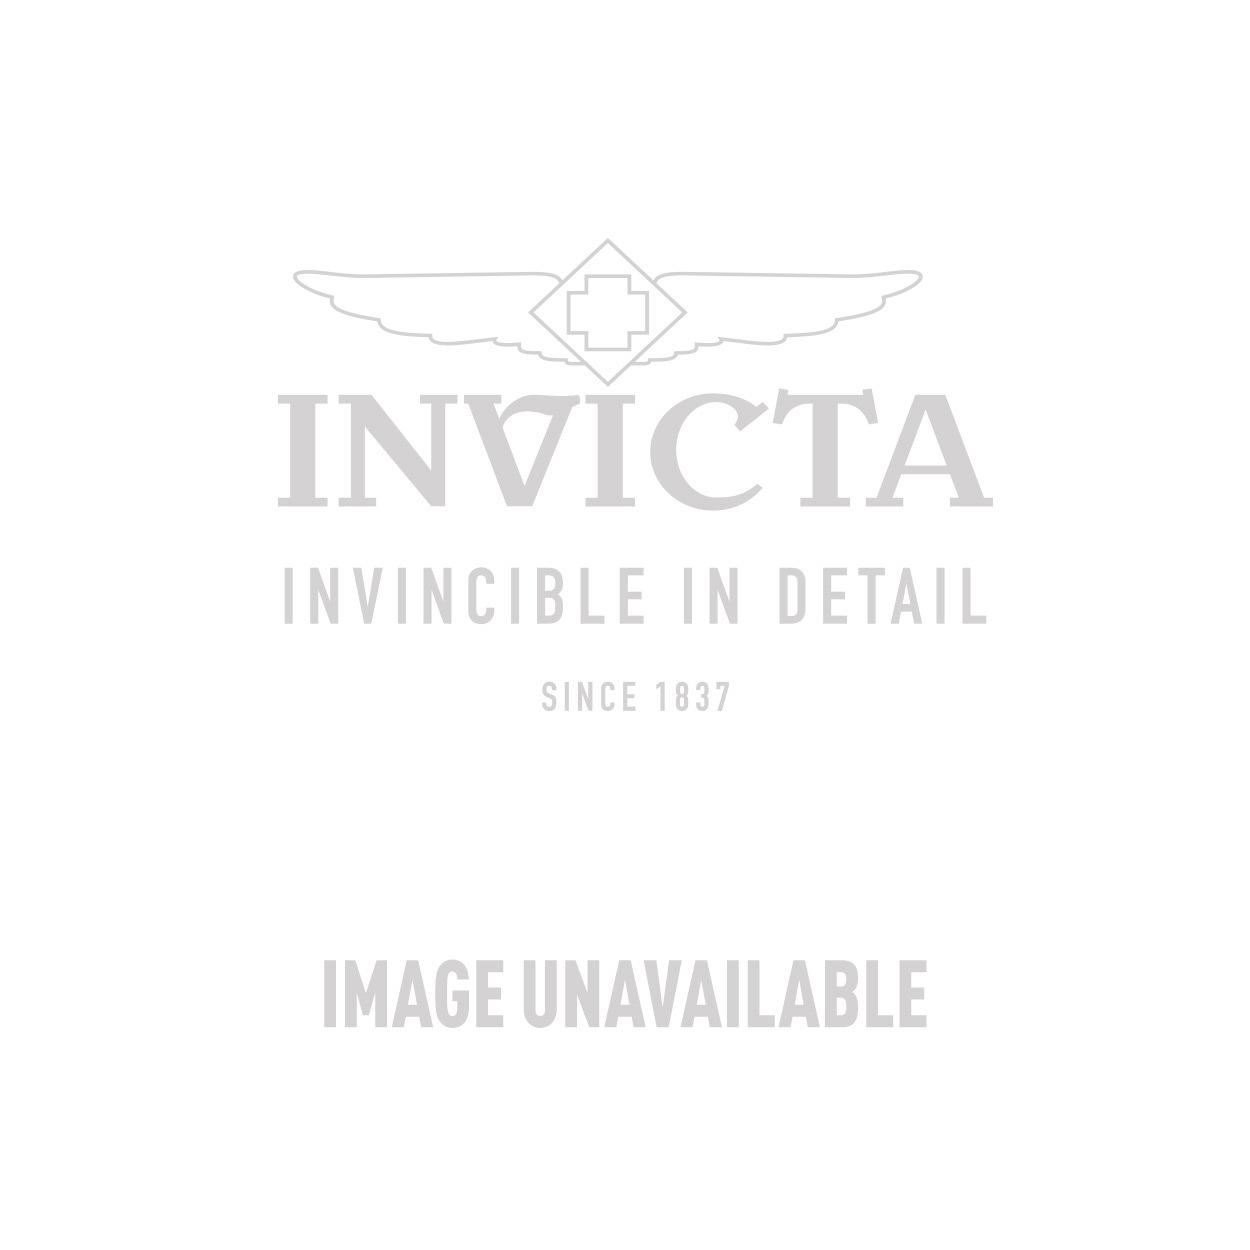 Invicta Speedway Quartz Watch - Gold, Stainless Steel case with Steel, Gold tone Stainless Steel band - Model 3644